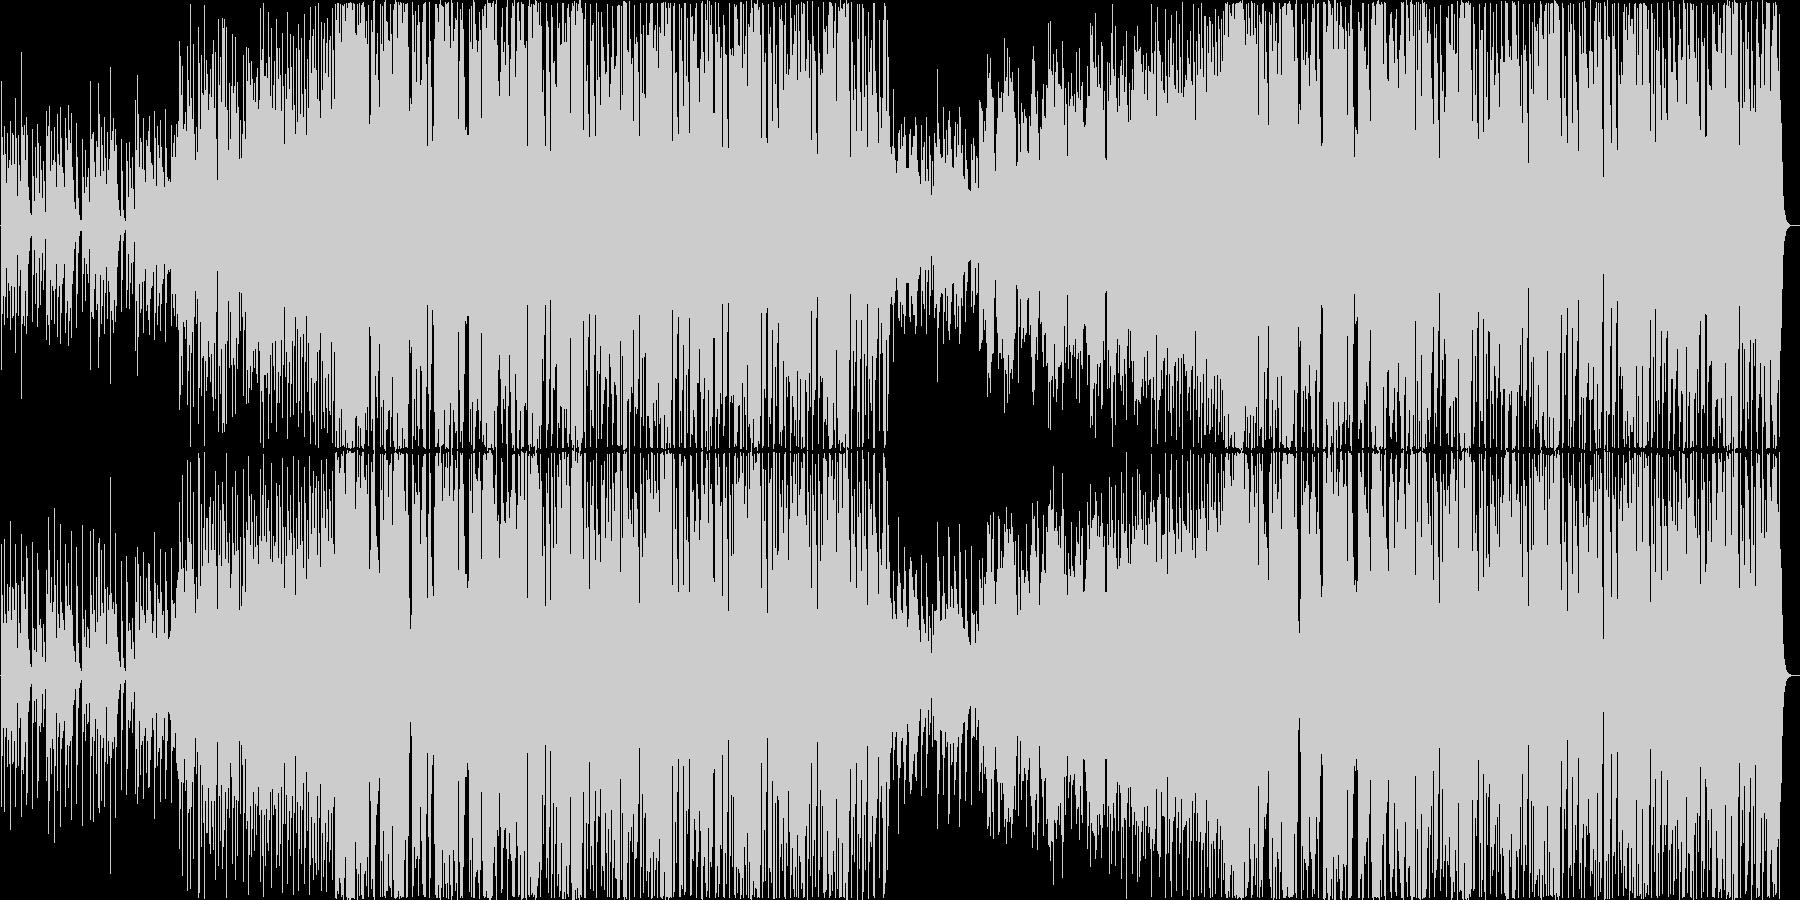 ダブステップ 実験的 積極的 焦り...の未再生の波形